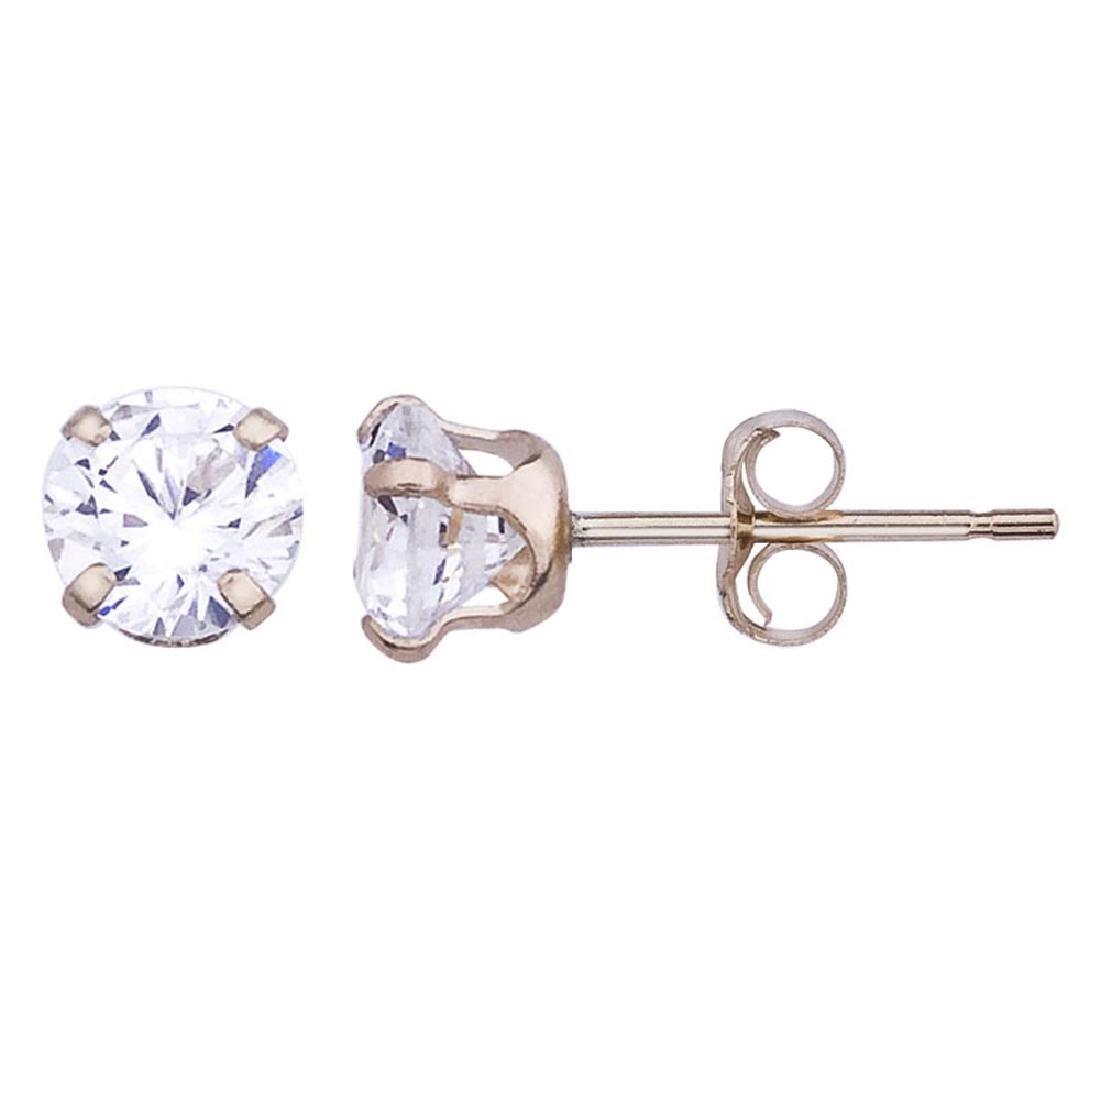 Certified 14k Cubic Zirconia Stud Earrings